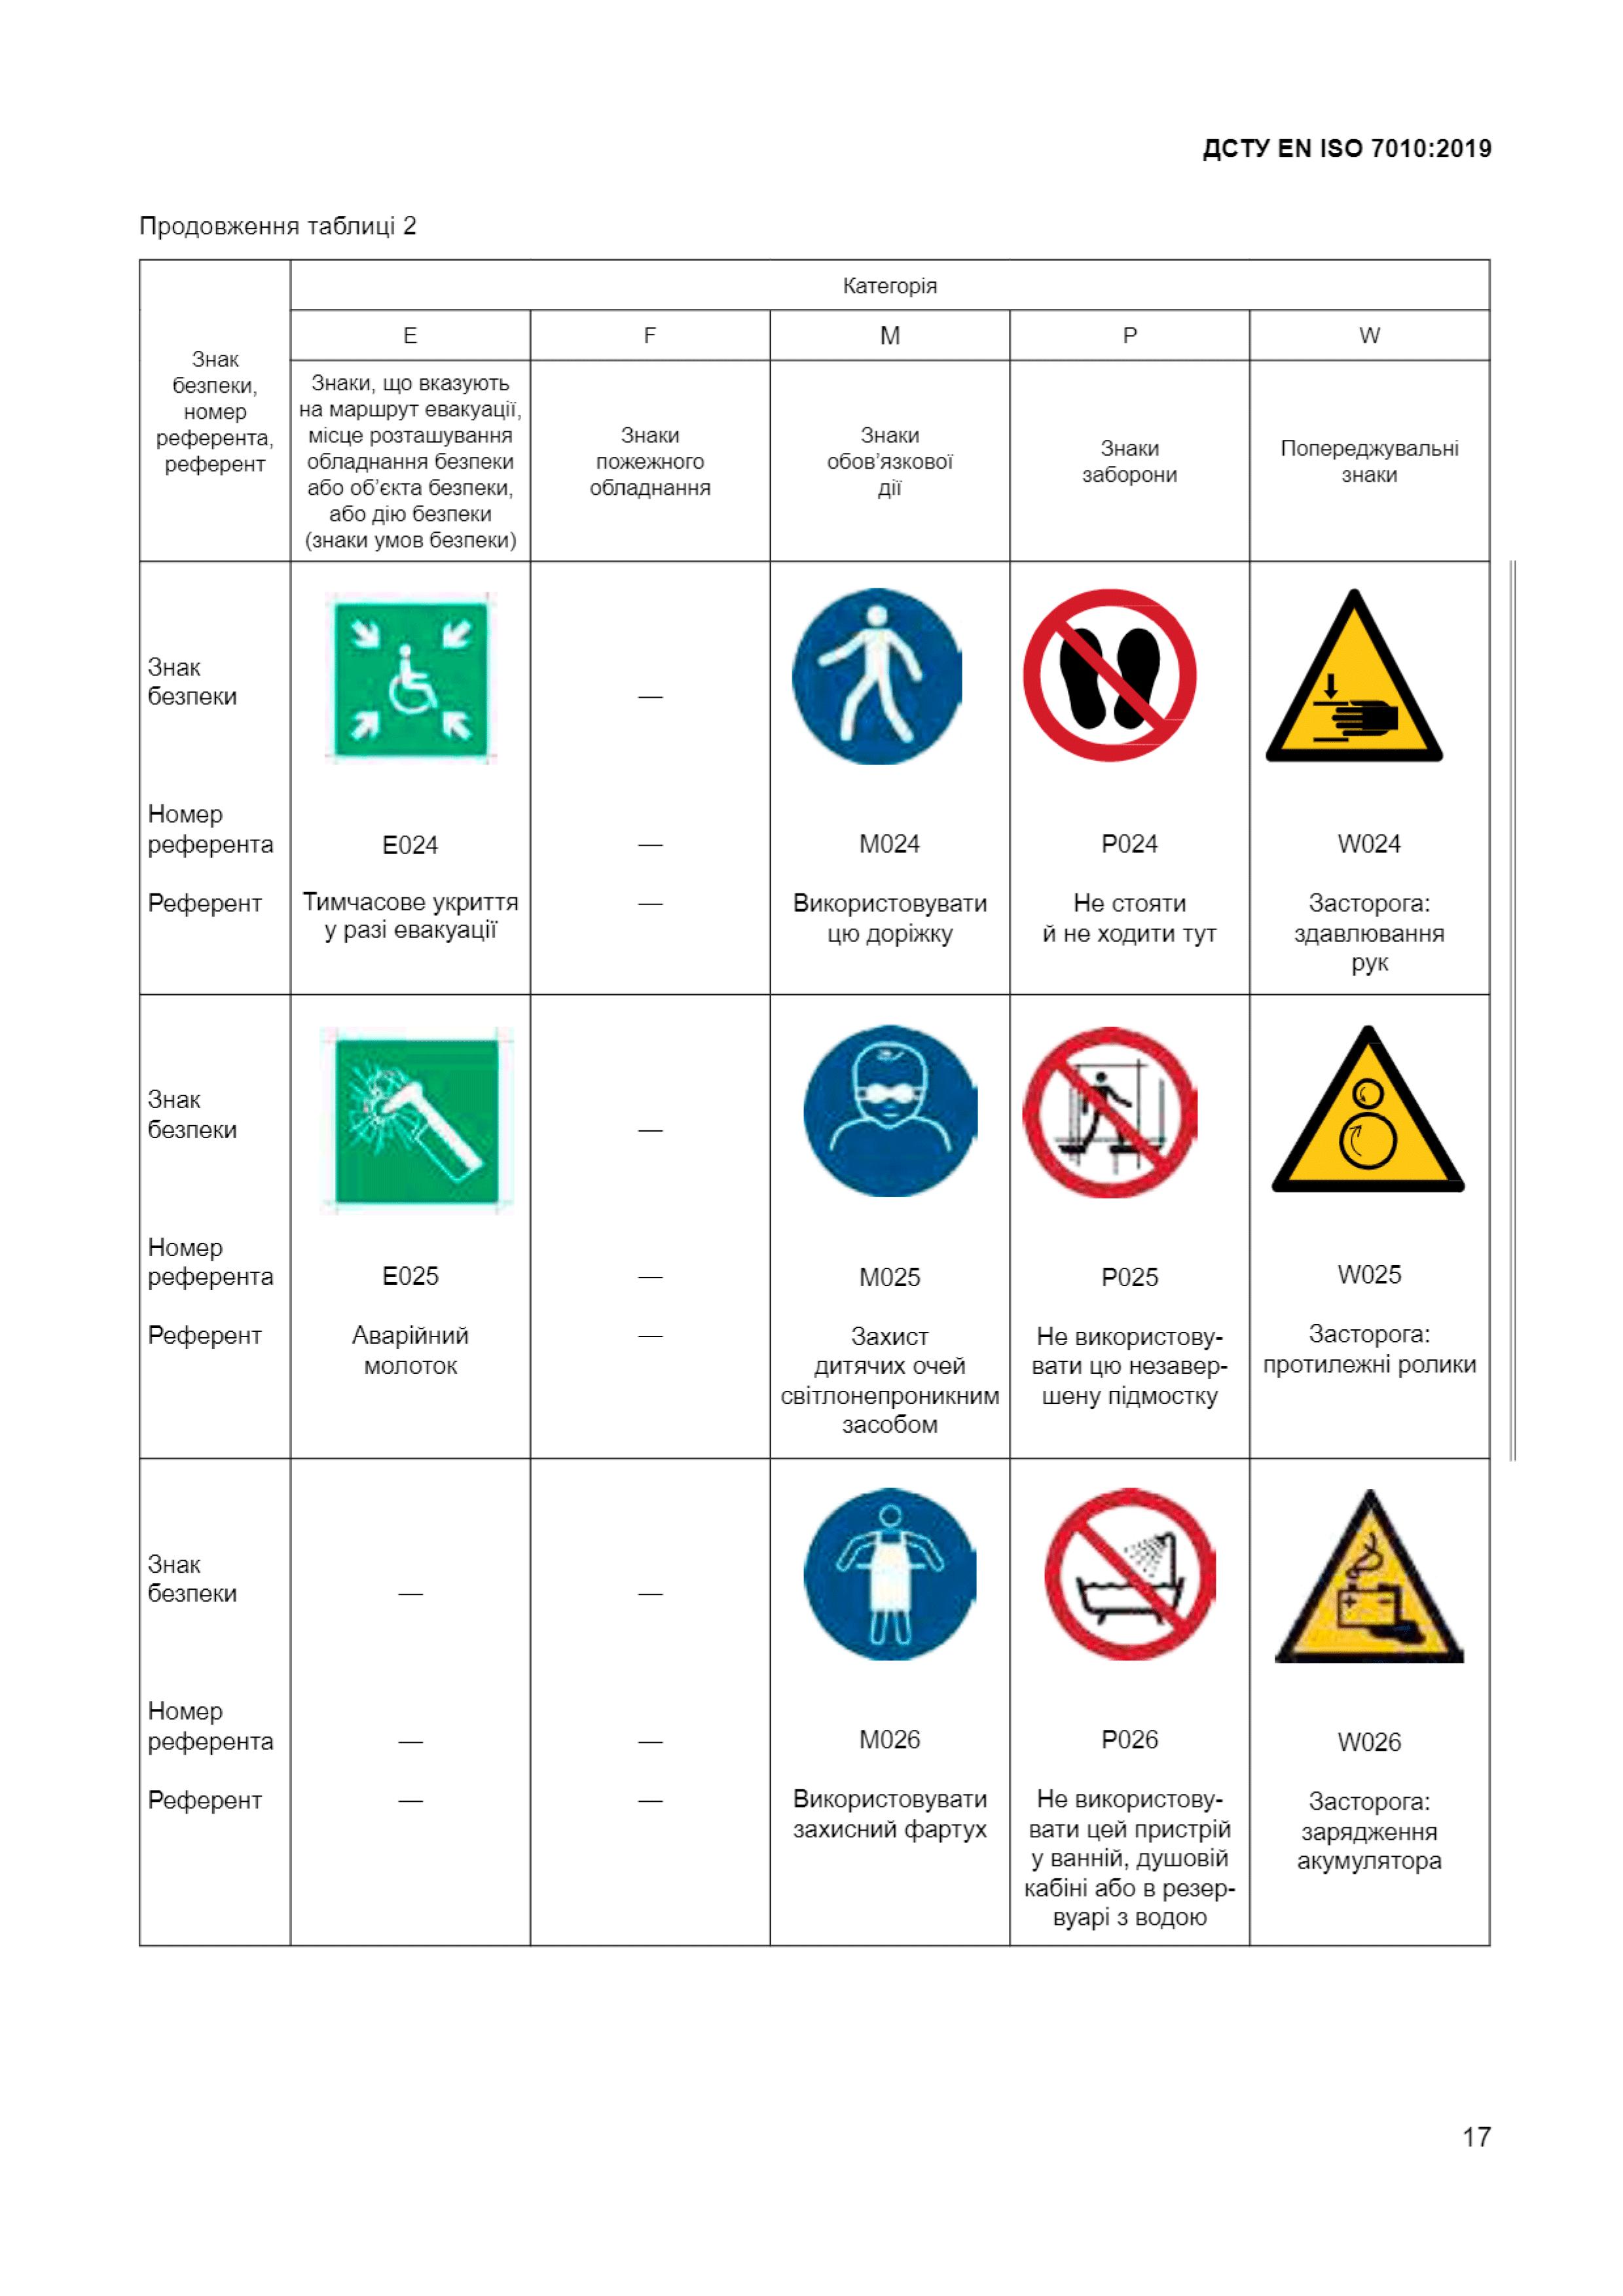 Звід-усіх-знакків-безпеки-9-ДСТУ-ЕN-ІSО-7010-2019-Техноспектр-Сервіс